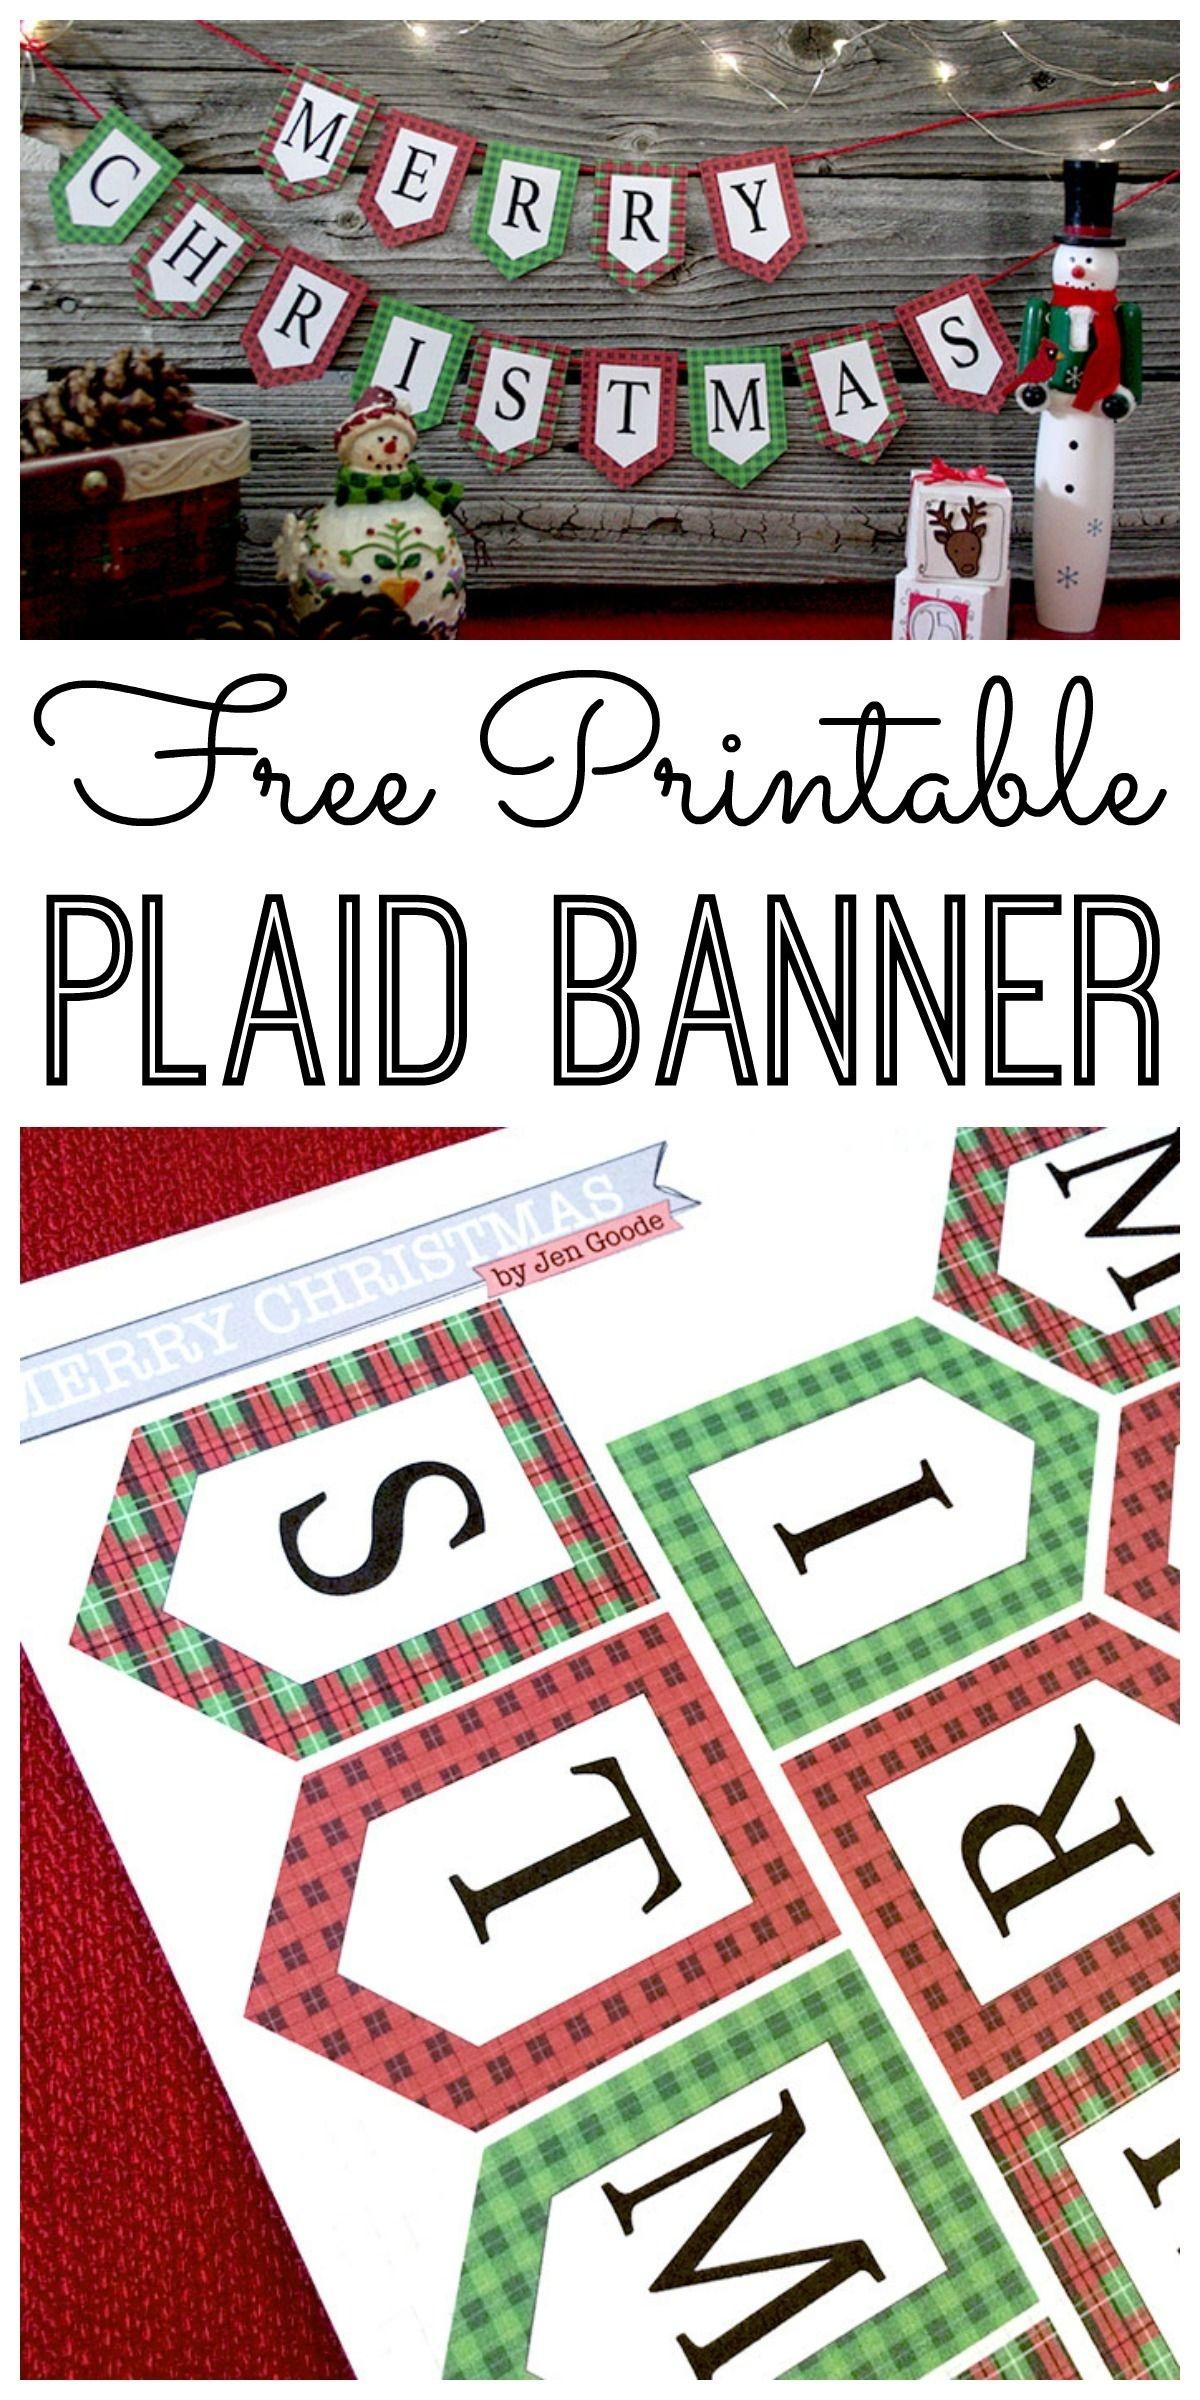 Mini Merry Christmas Banner And Holiday Printables Blog Hop   Cricut - Free Printable Christmas Banner